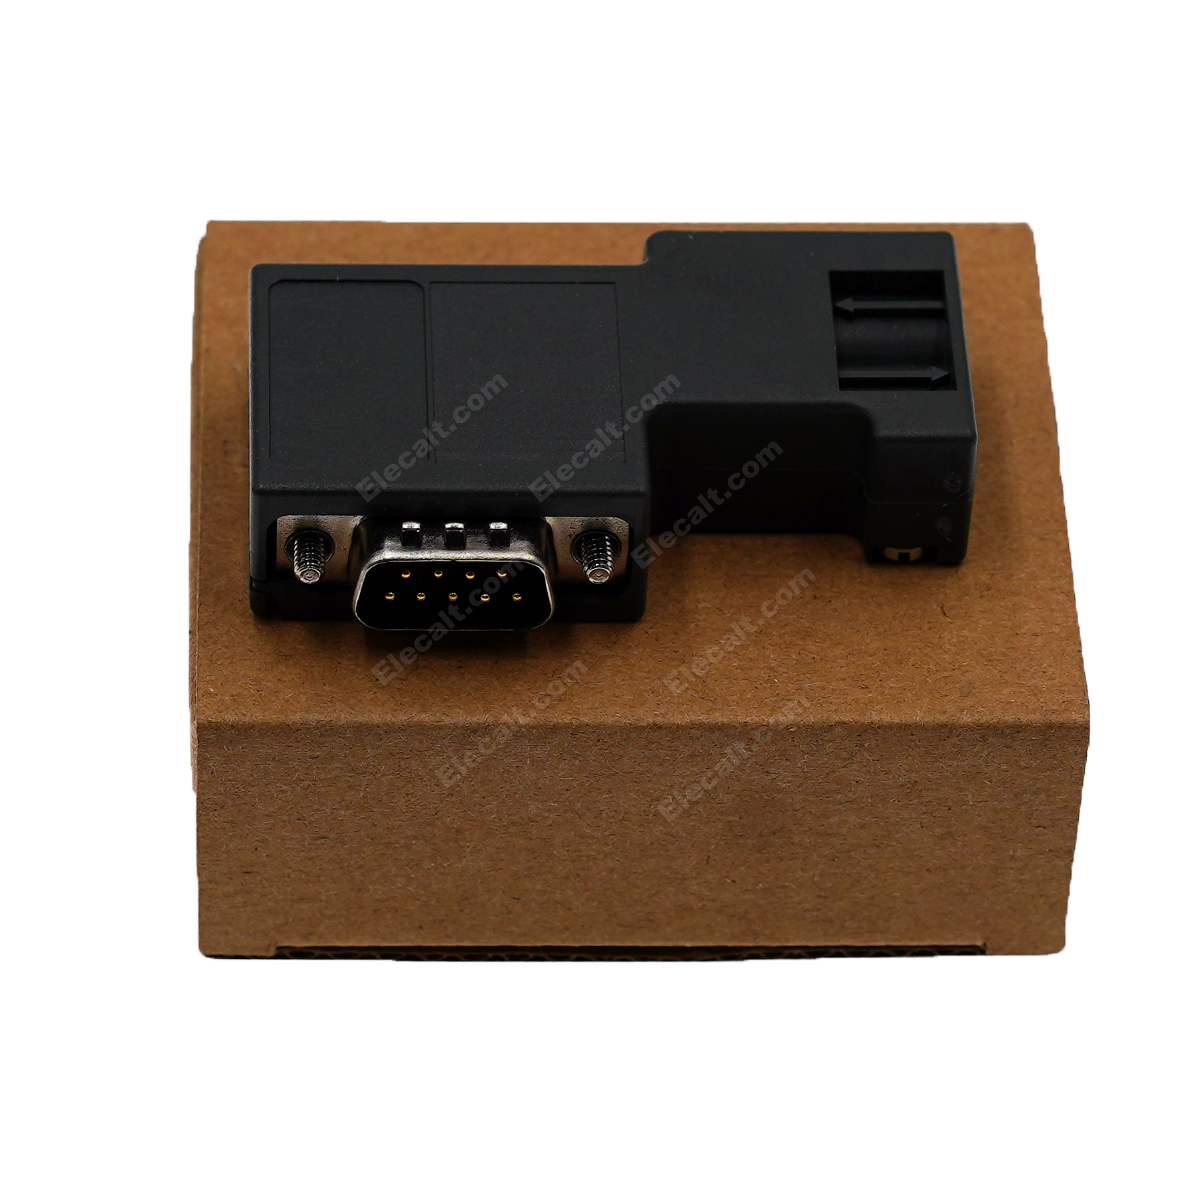 Siemens 6es7 972-0bb12-0xa0 Profibus Bus Connector 4 Pcs for sale online